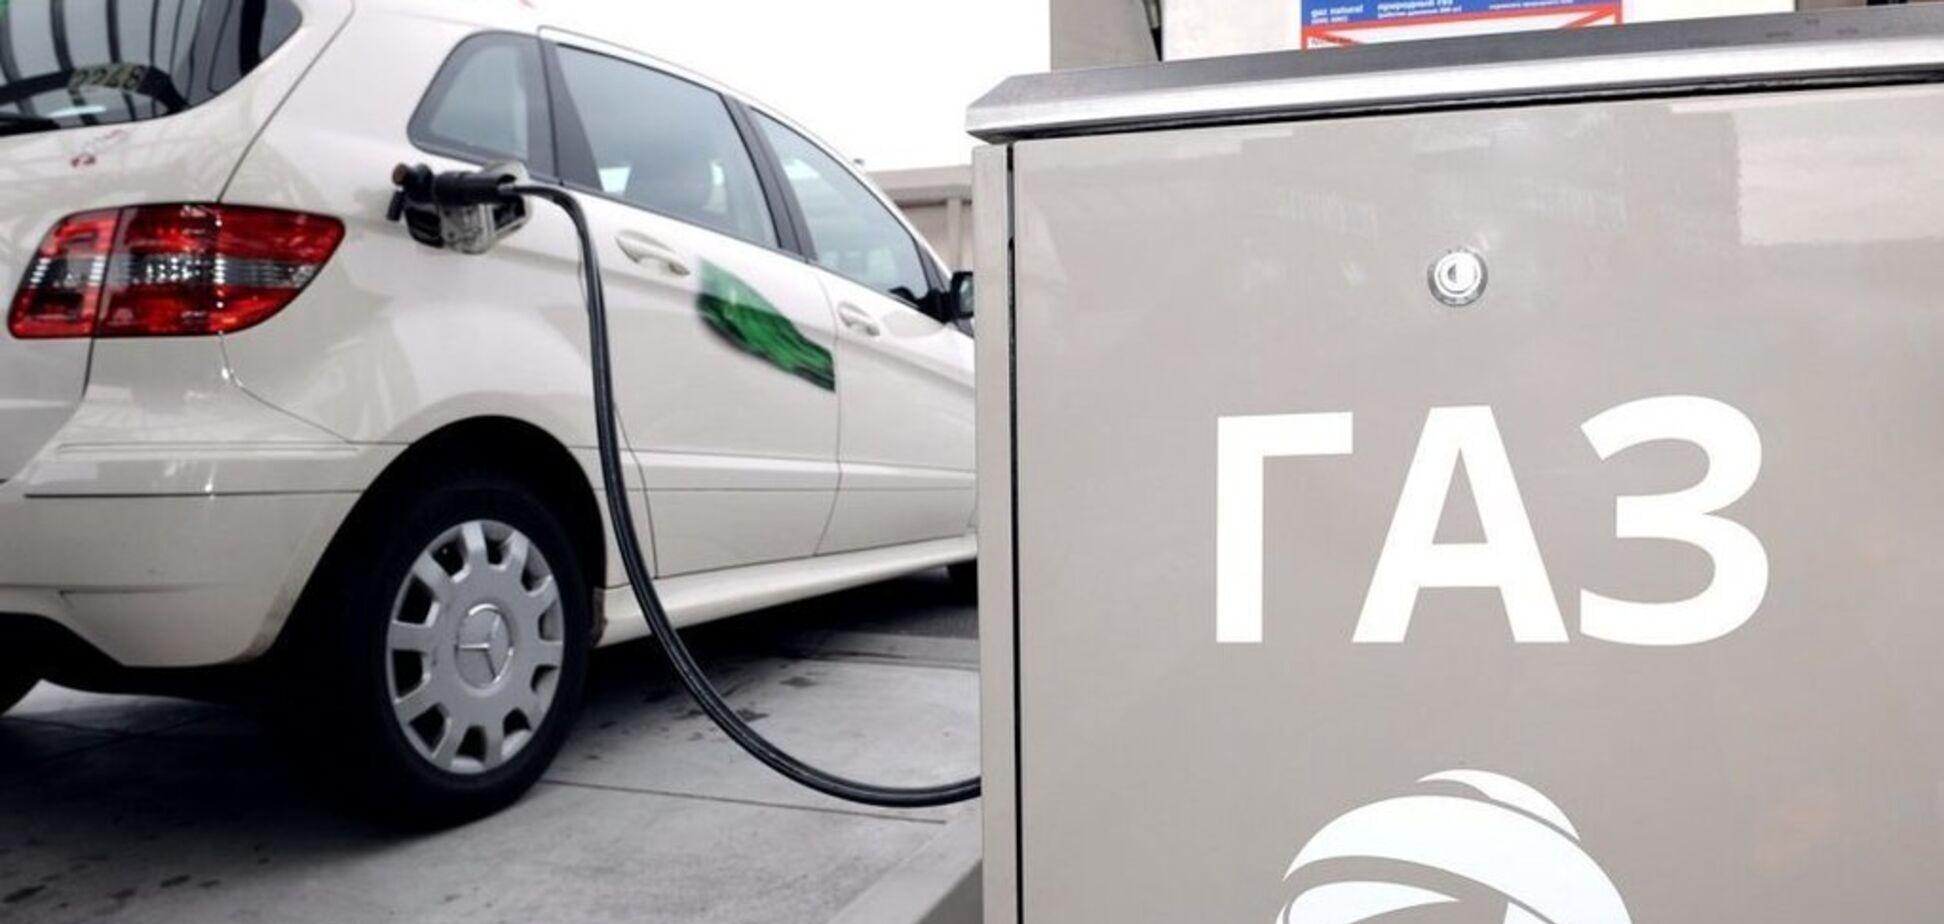 Автогаз по 18 грн/л с нового года – экс-журналистка 1+1 и Герус повышают тариф на социальное топливо